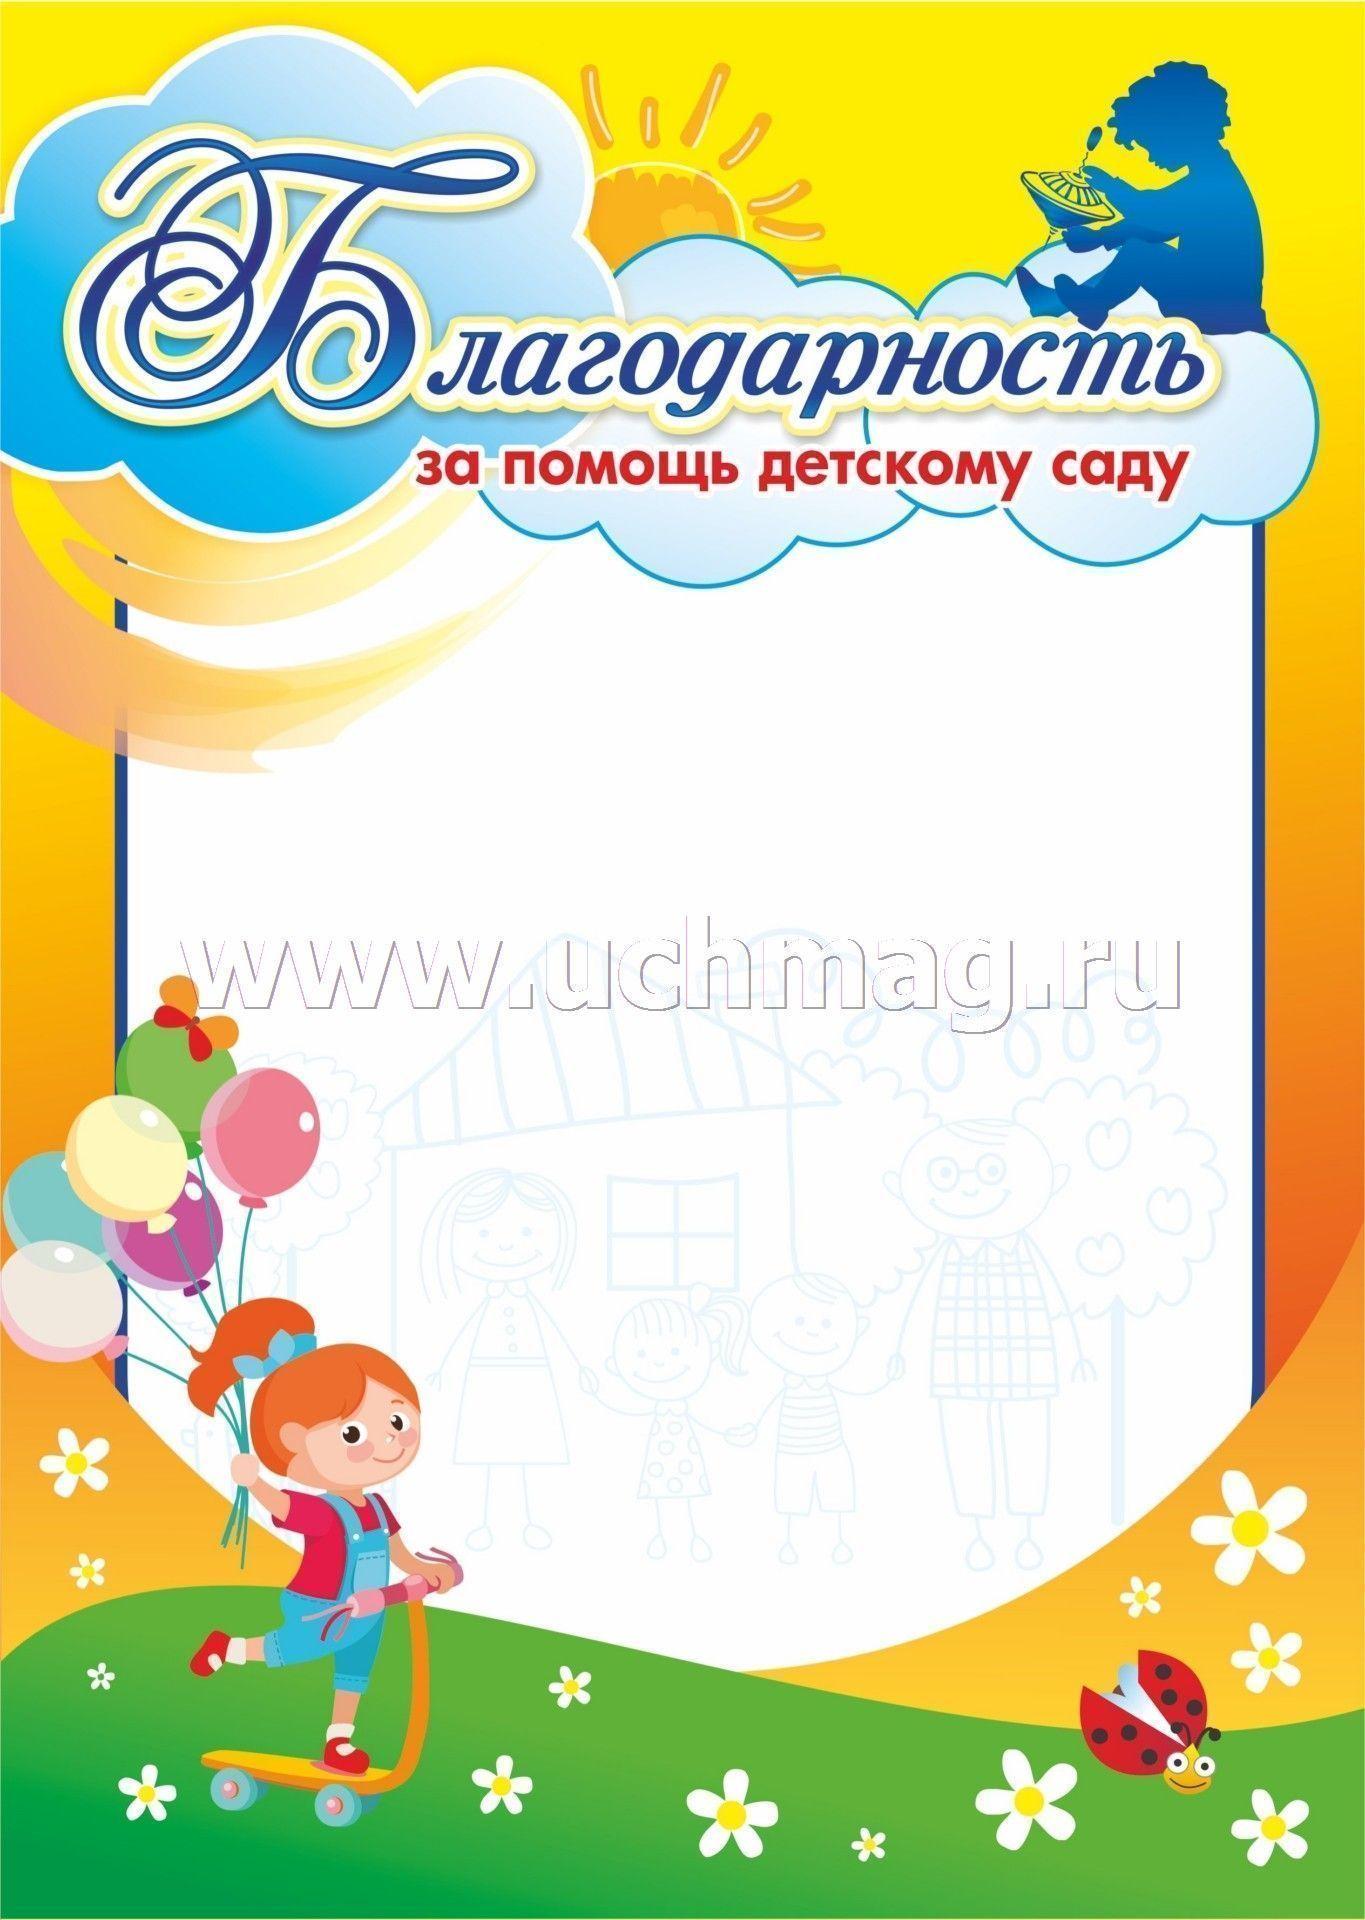 Шаблон поздравление детскому саду фото 855